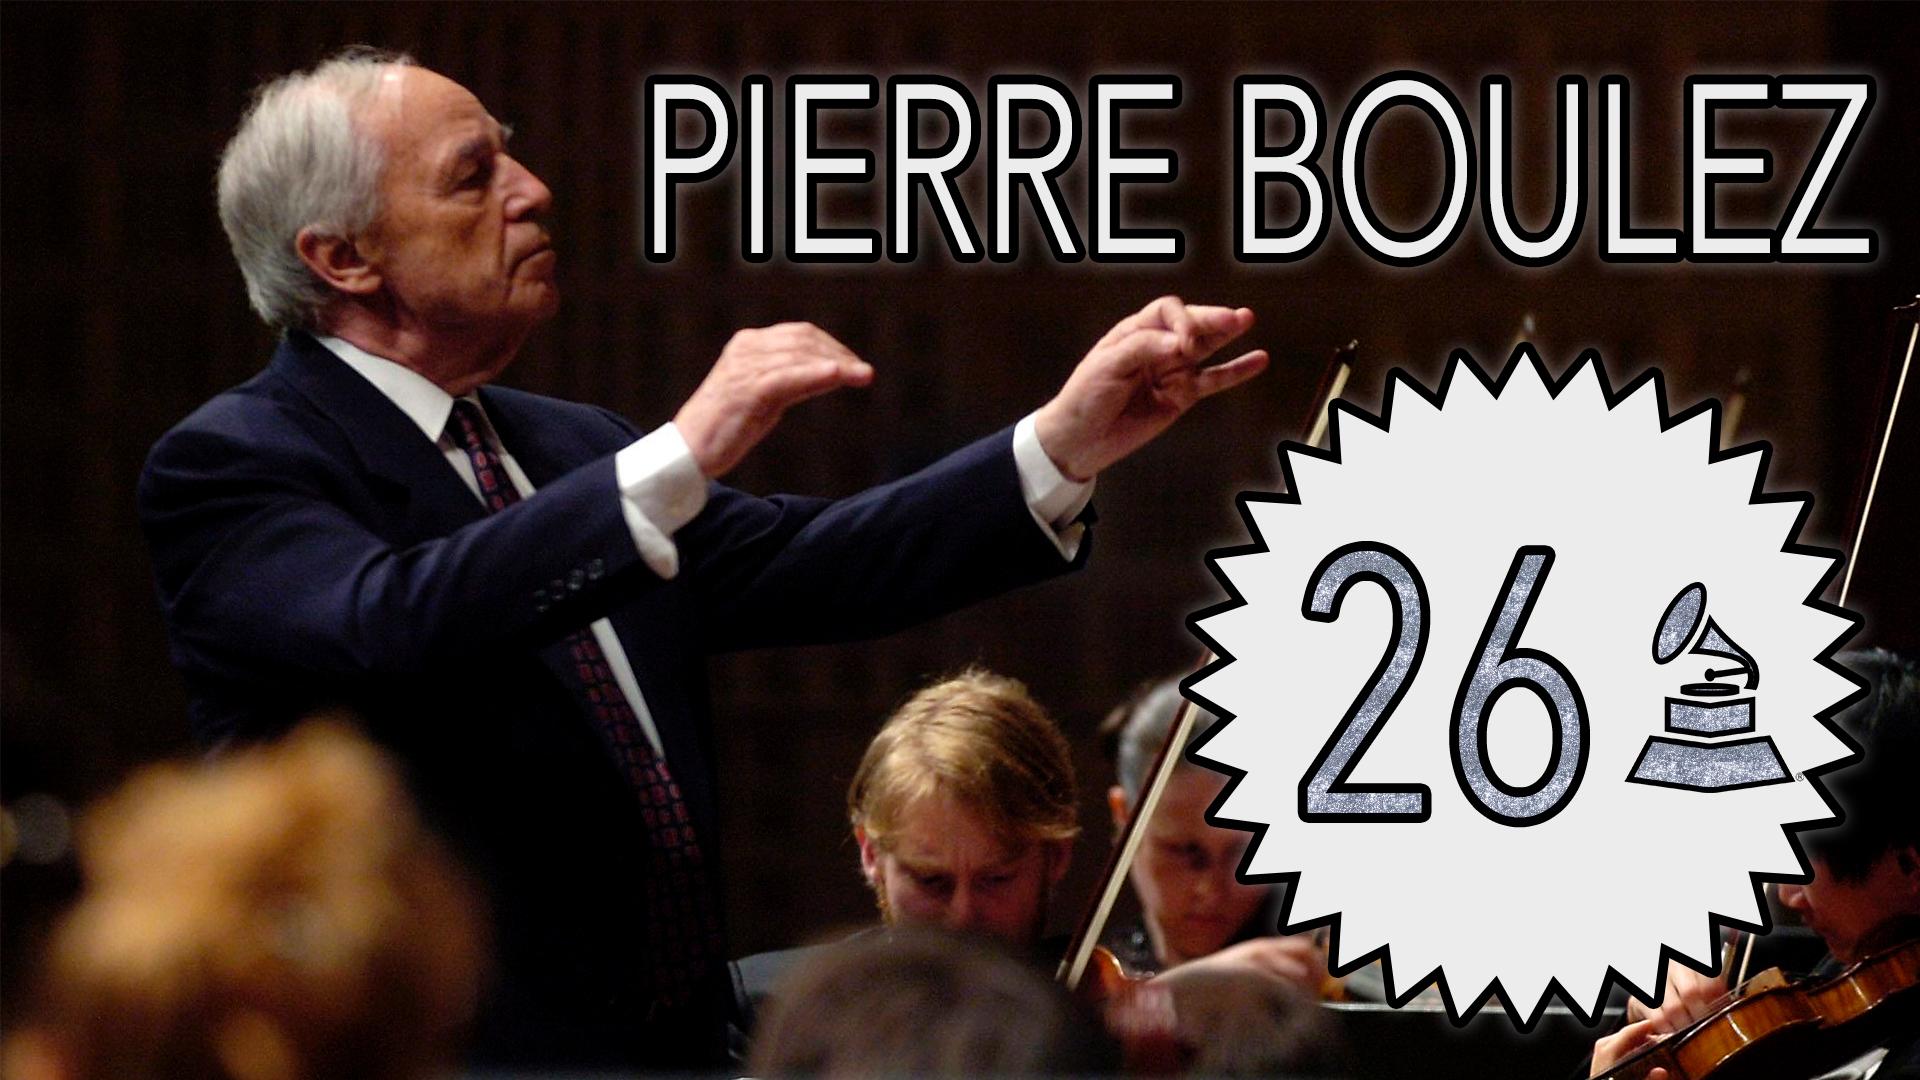 Pierre Boulez with 26 GRAMMY Awards